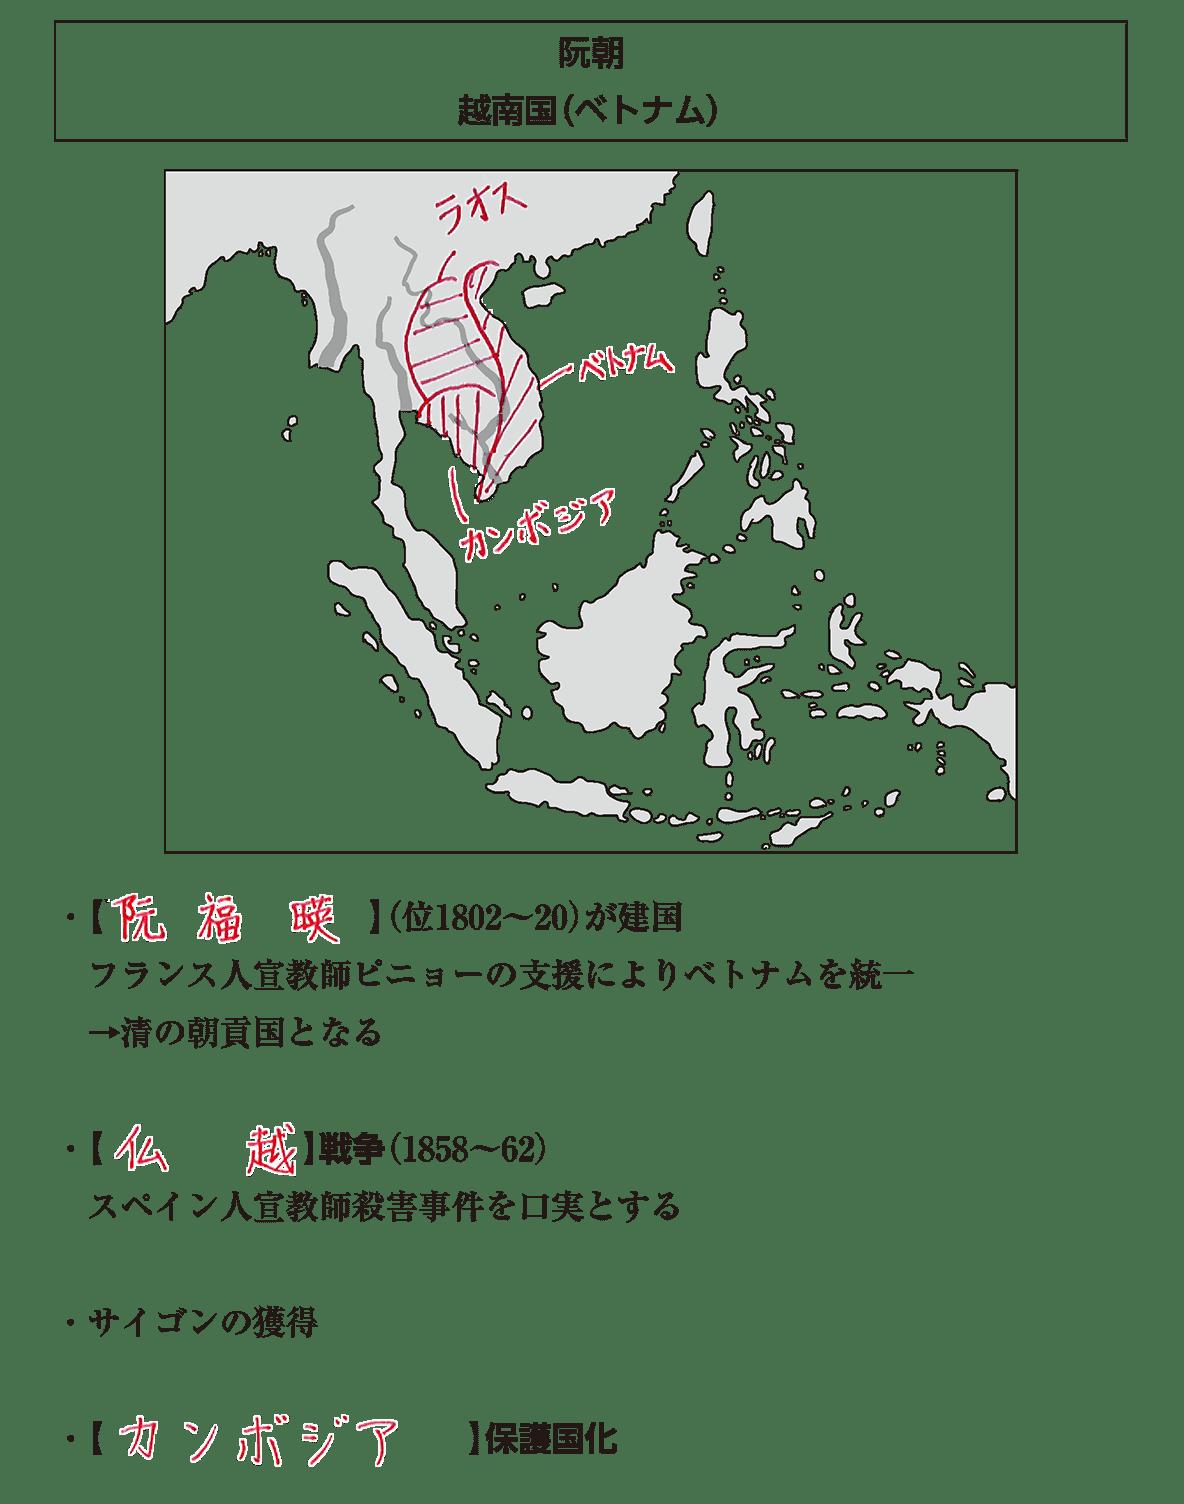 アジア諸地域の植民地化1 ポイント1 答え全部